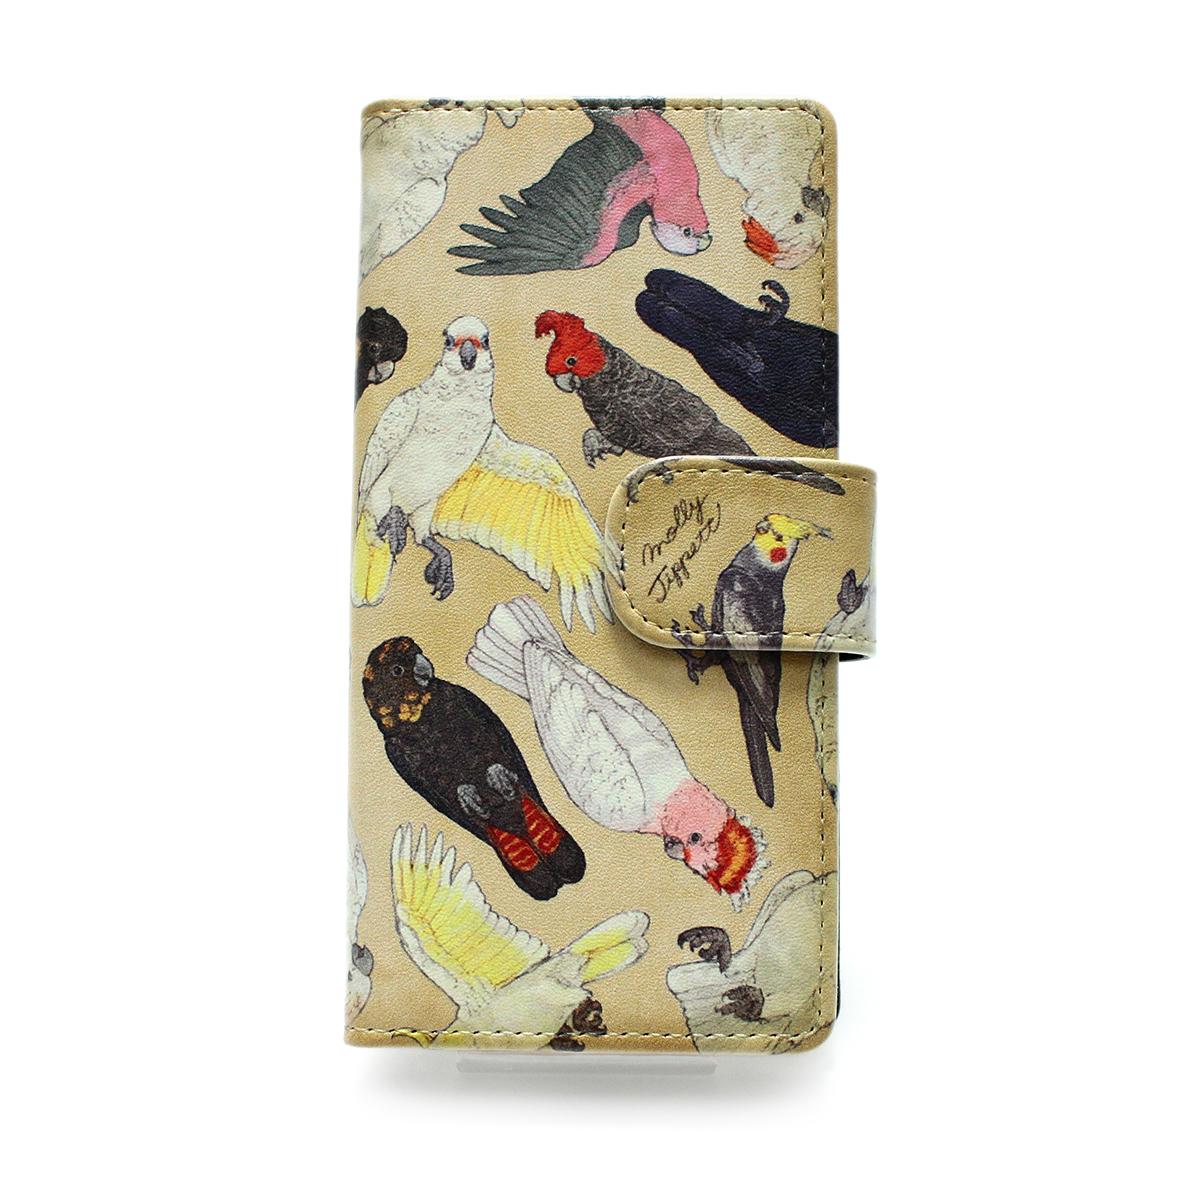 【セール】オウム科の鳥類/ スマートフォンケース (iPhone8/iPhone7/6s/6兼用)